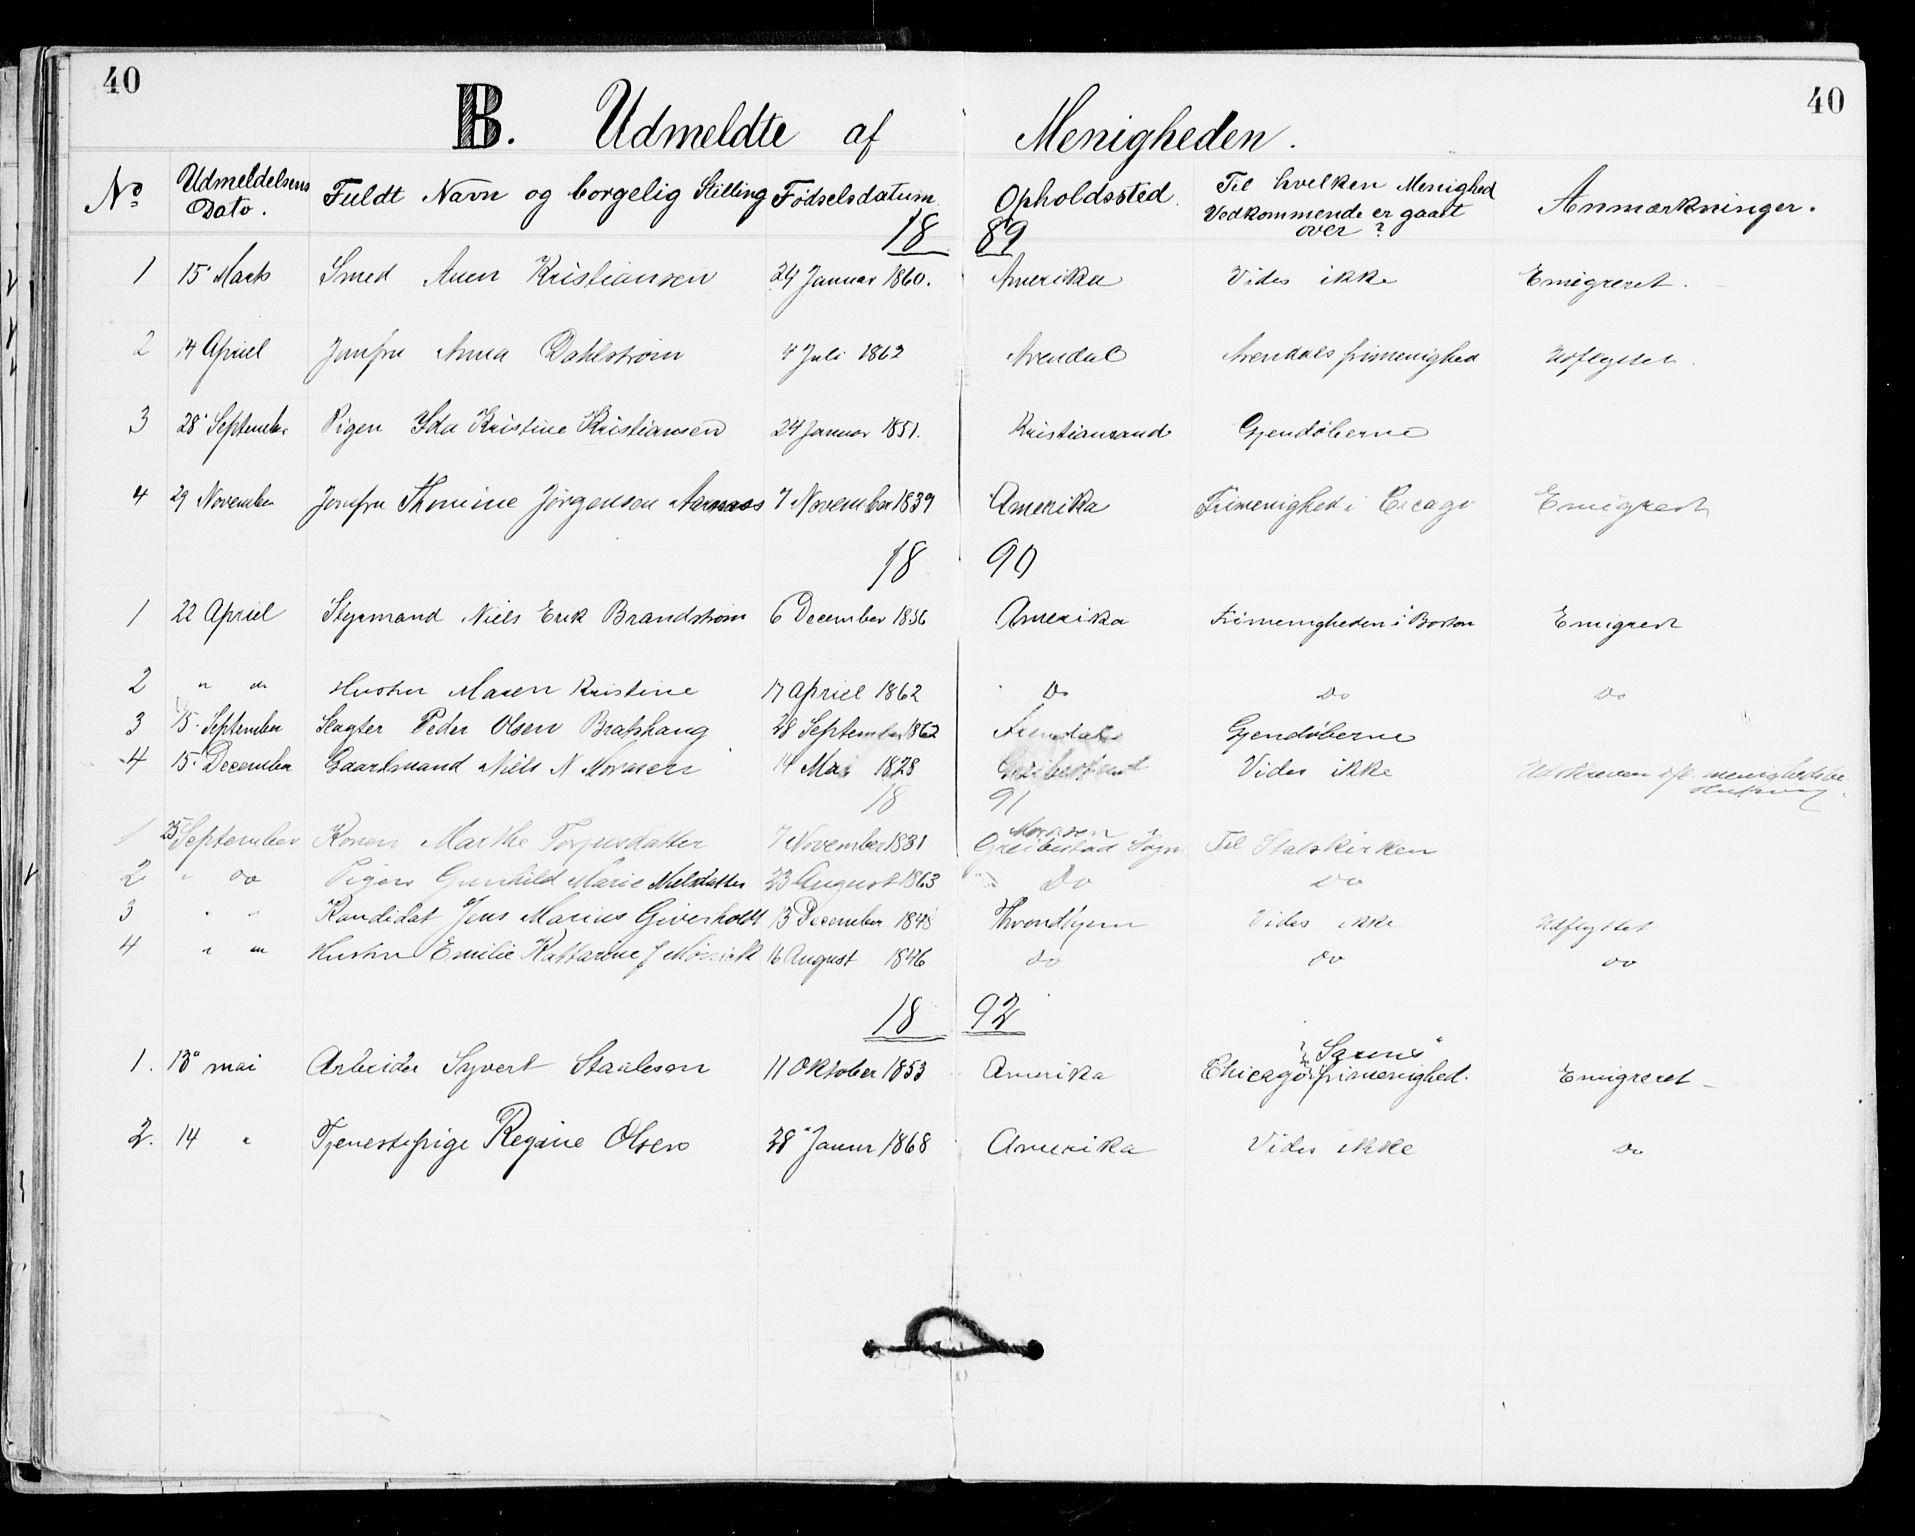 SAK, Den evangelisk-lutherske frikirke, Kristiansand, F/Fa/L0002: Dissenterprotokoll nr. F 10, 1889-1892, s. 40